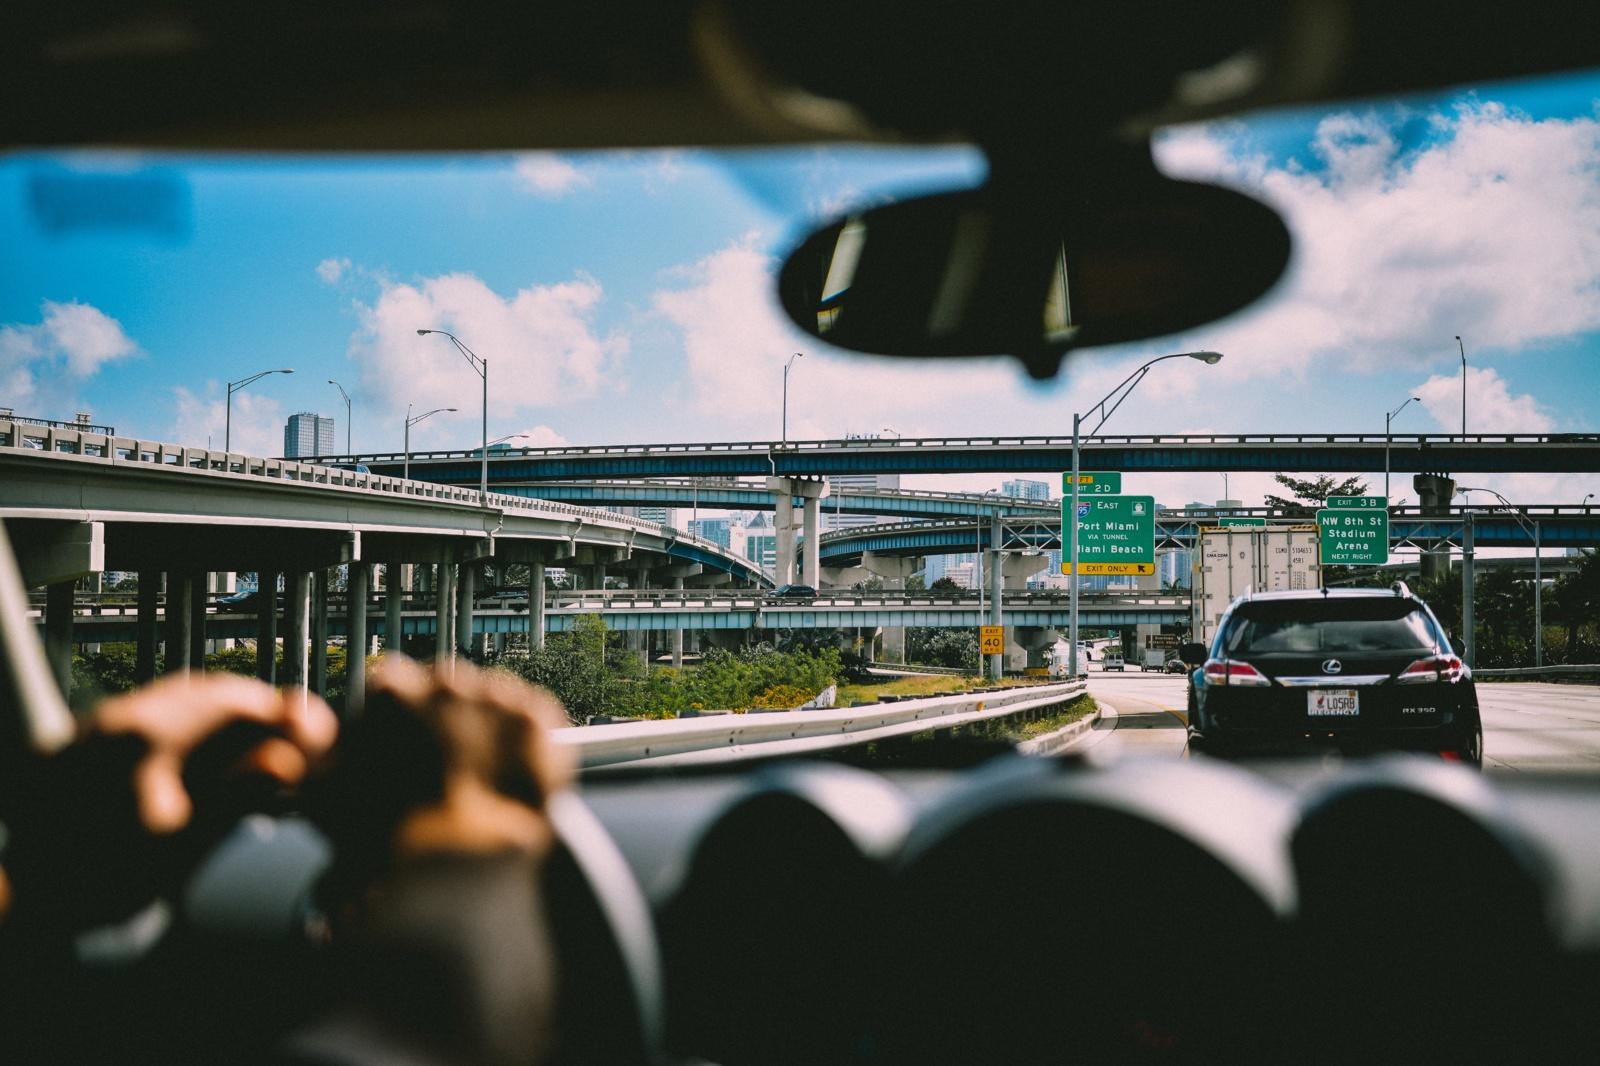 7 įdomūs faktai apie vairavimo egzaminus kitose šalyse